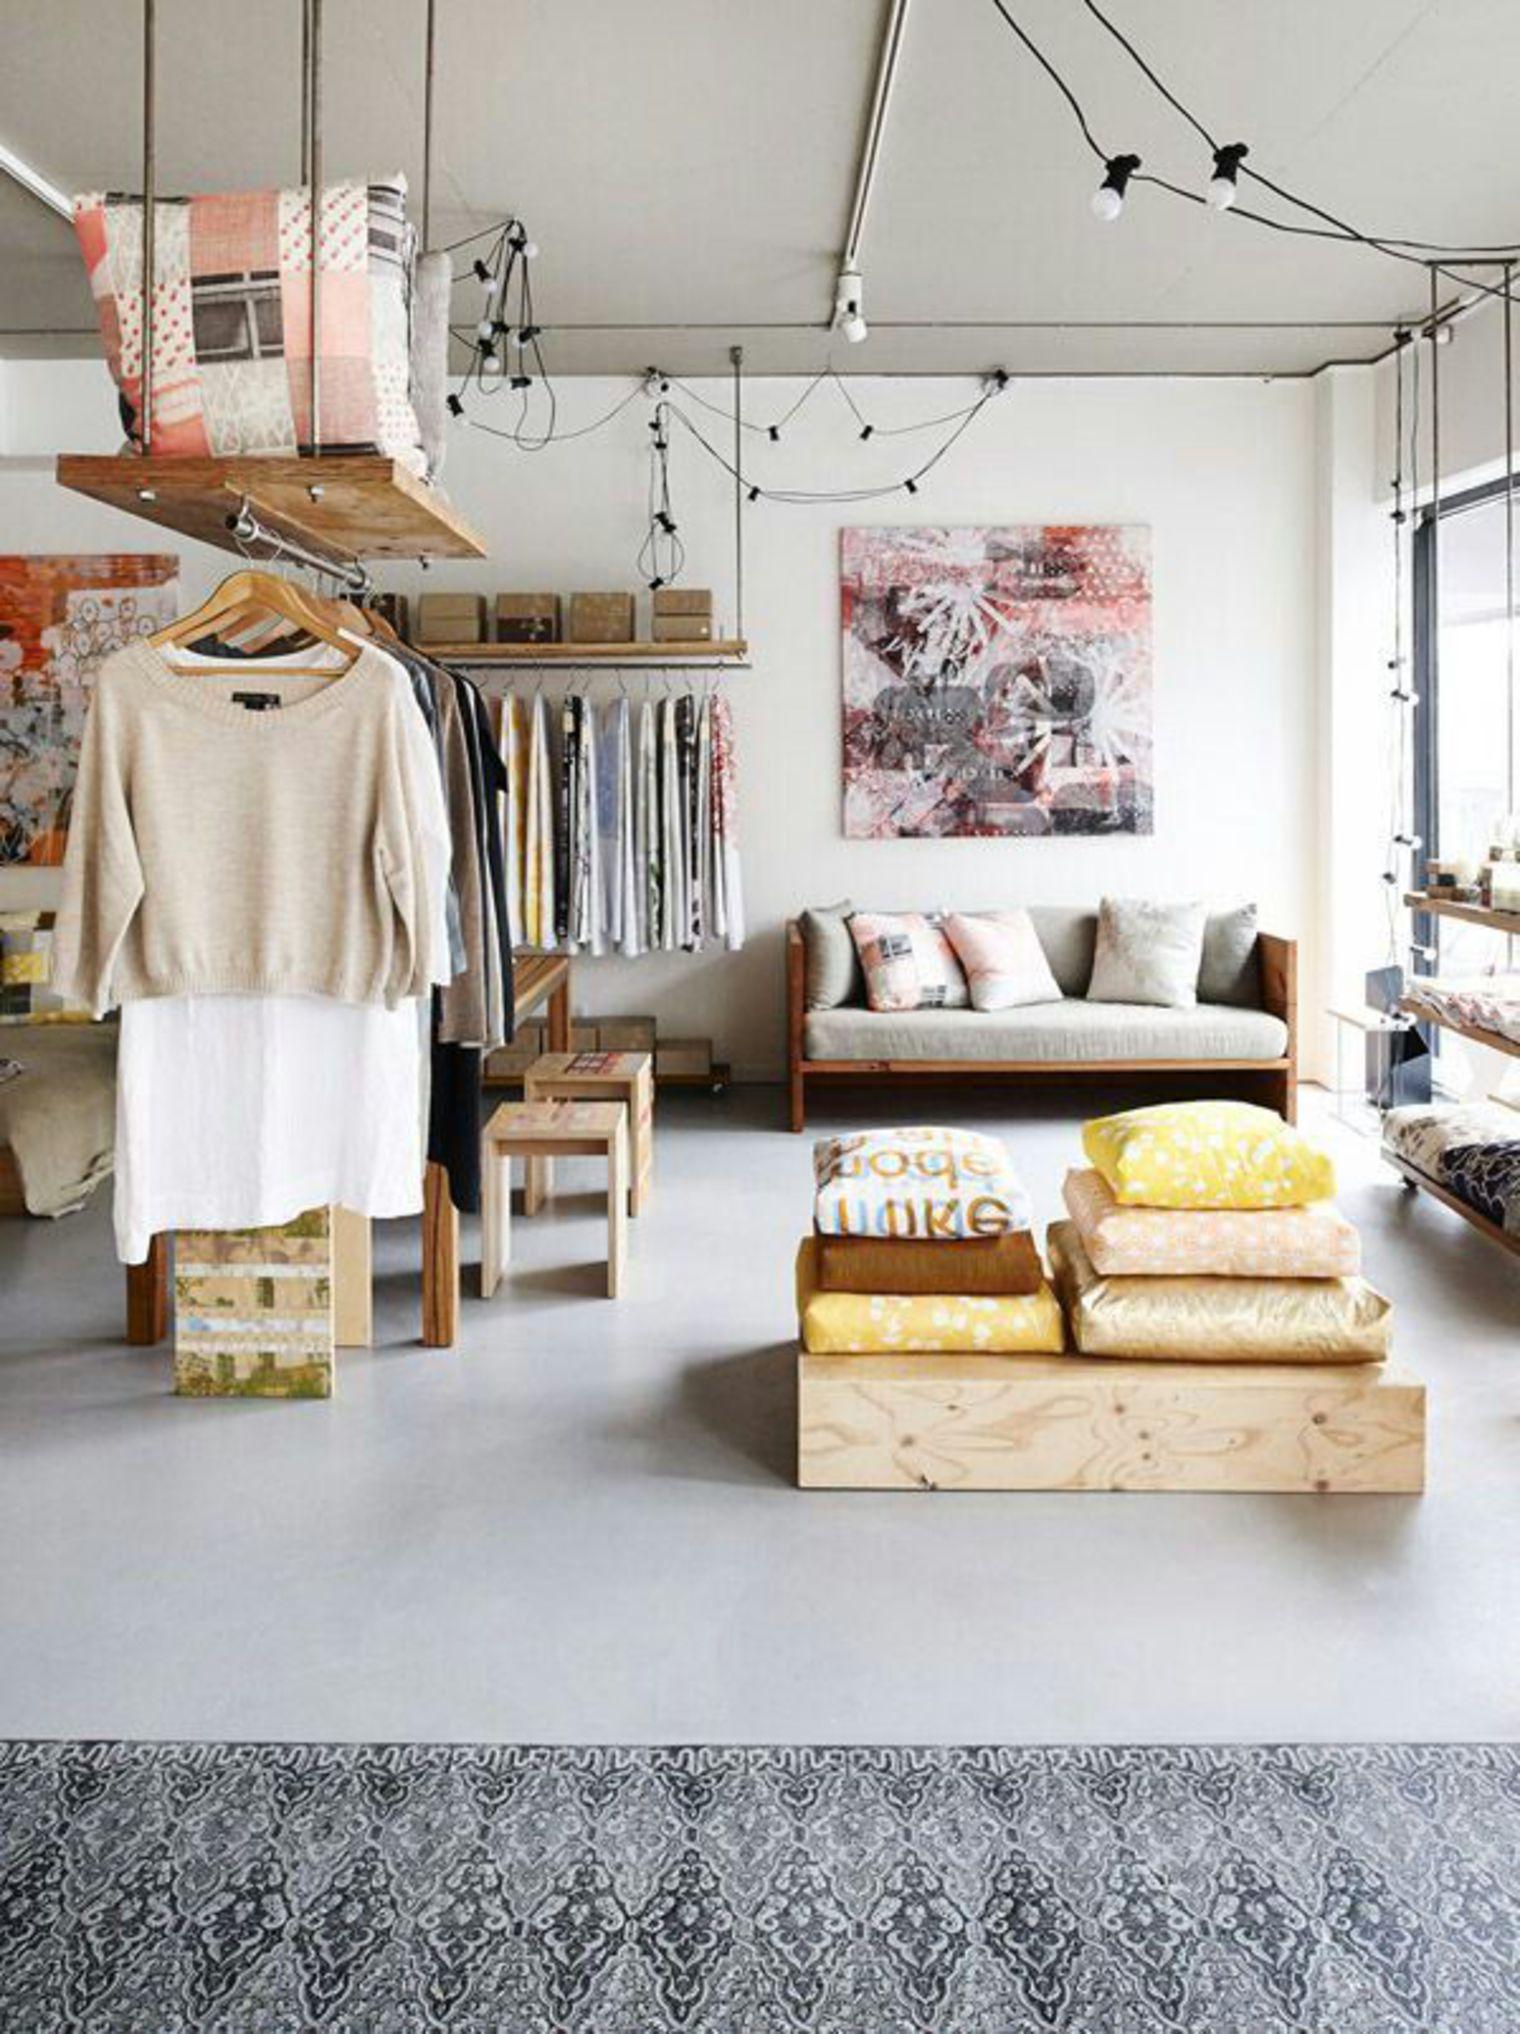 Платяные штанги в интерьере маленькой студии